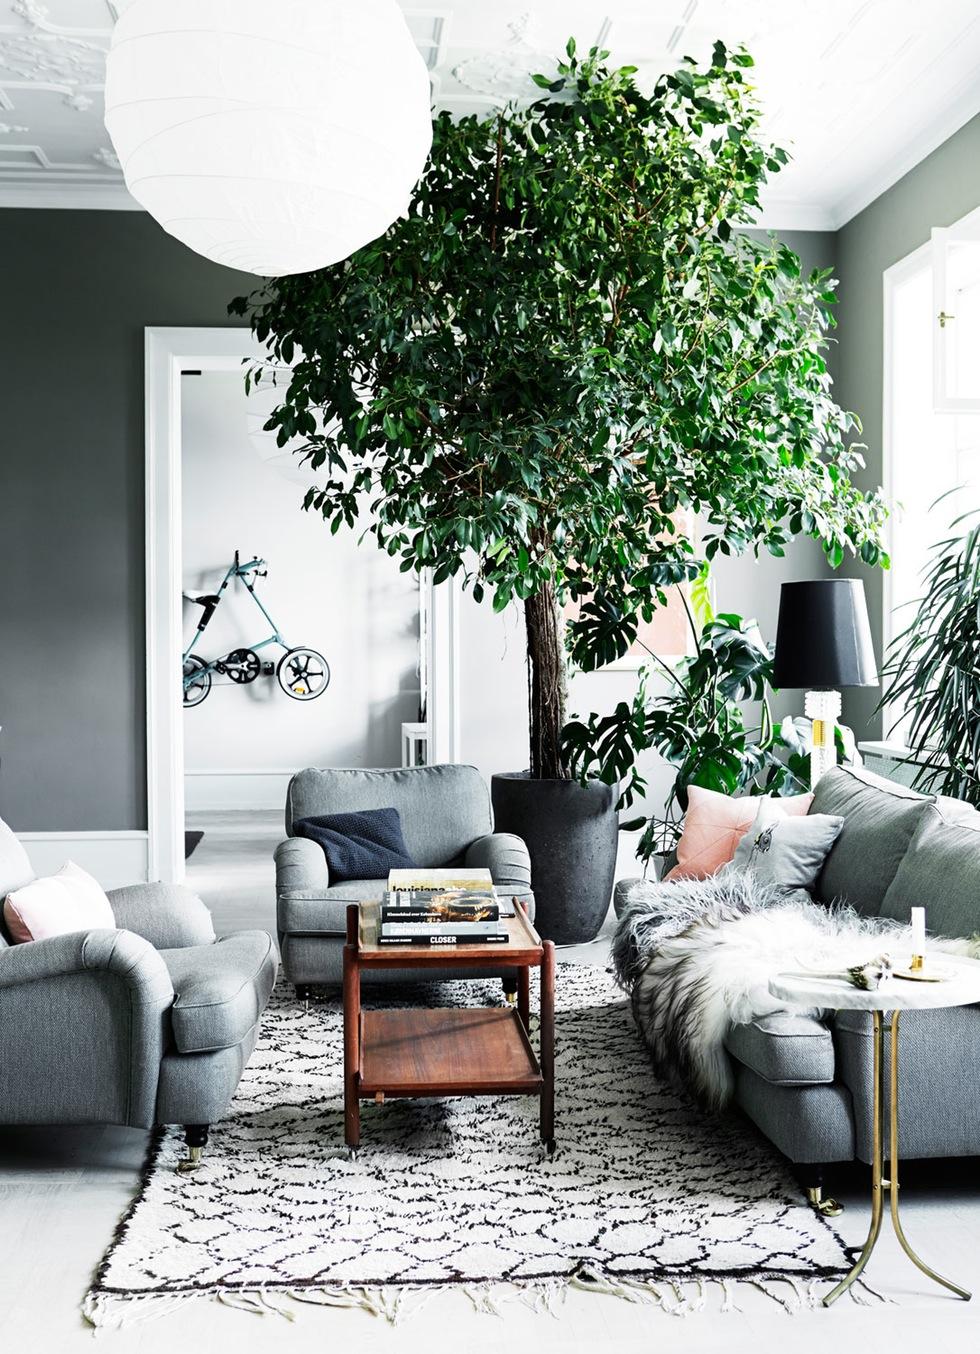 Boom in huis | Inrichting-huis.com